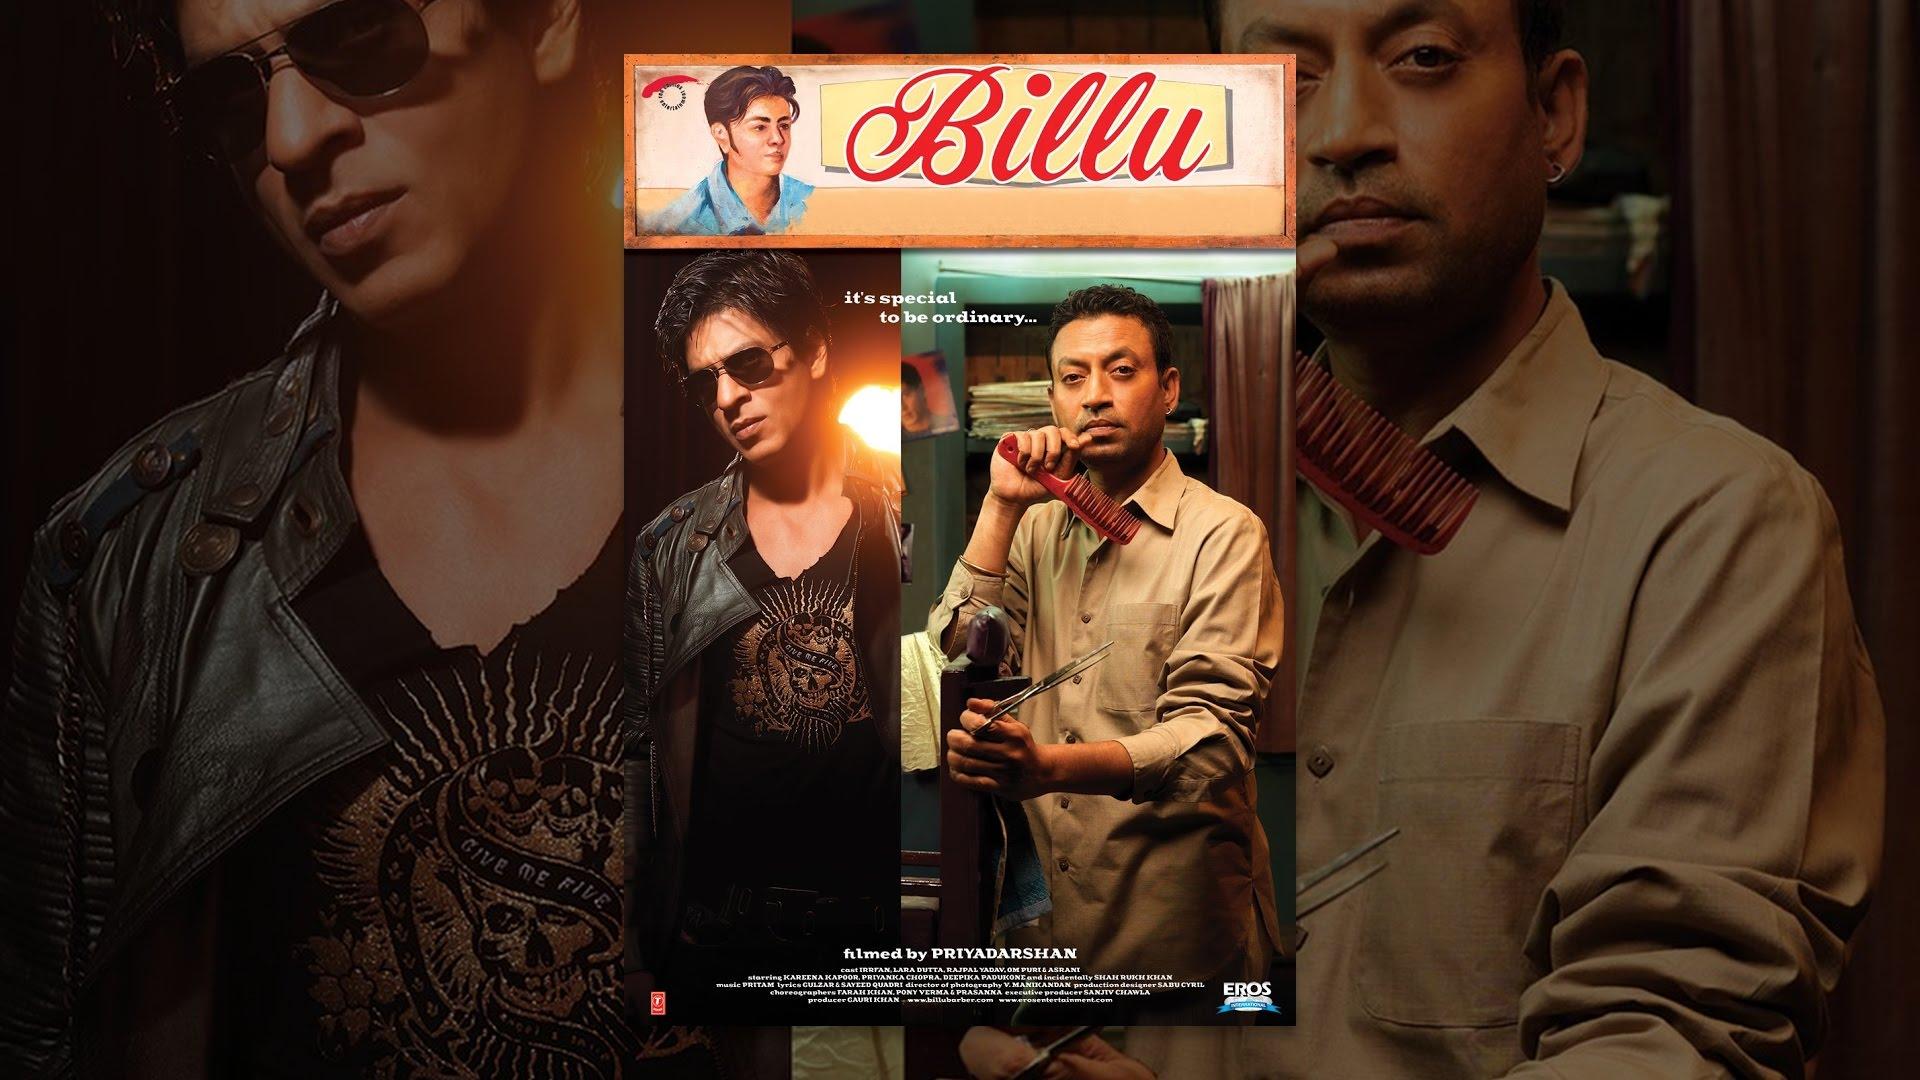 Billu   Best Priyadarshan Movies   TrendPickle